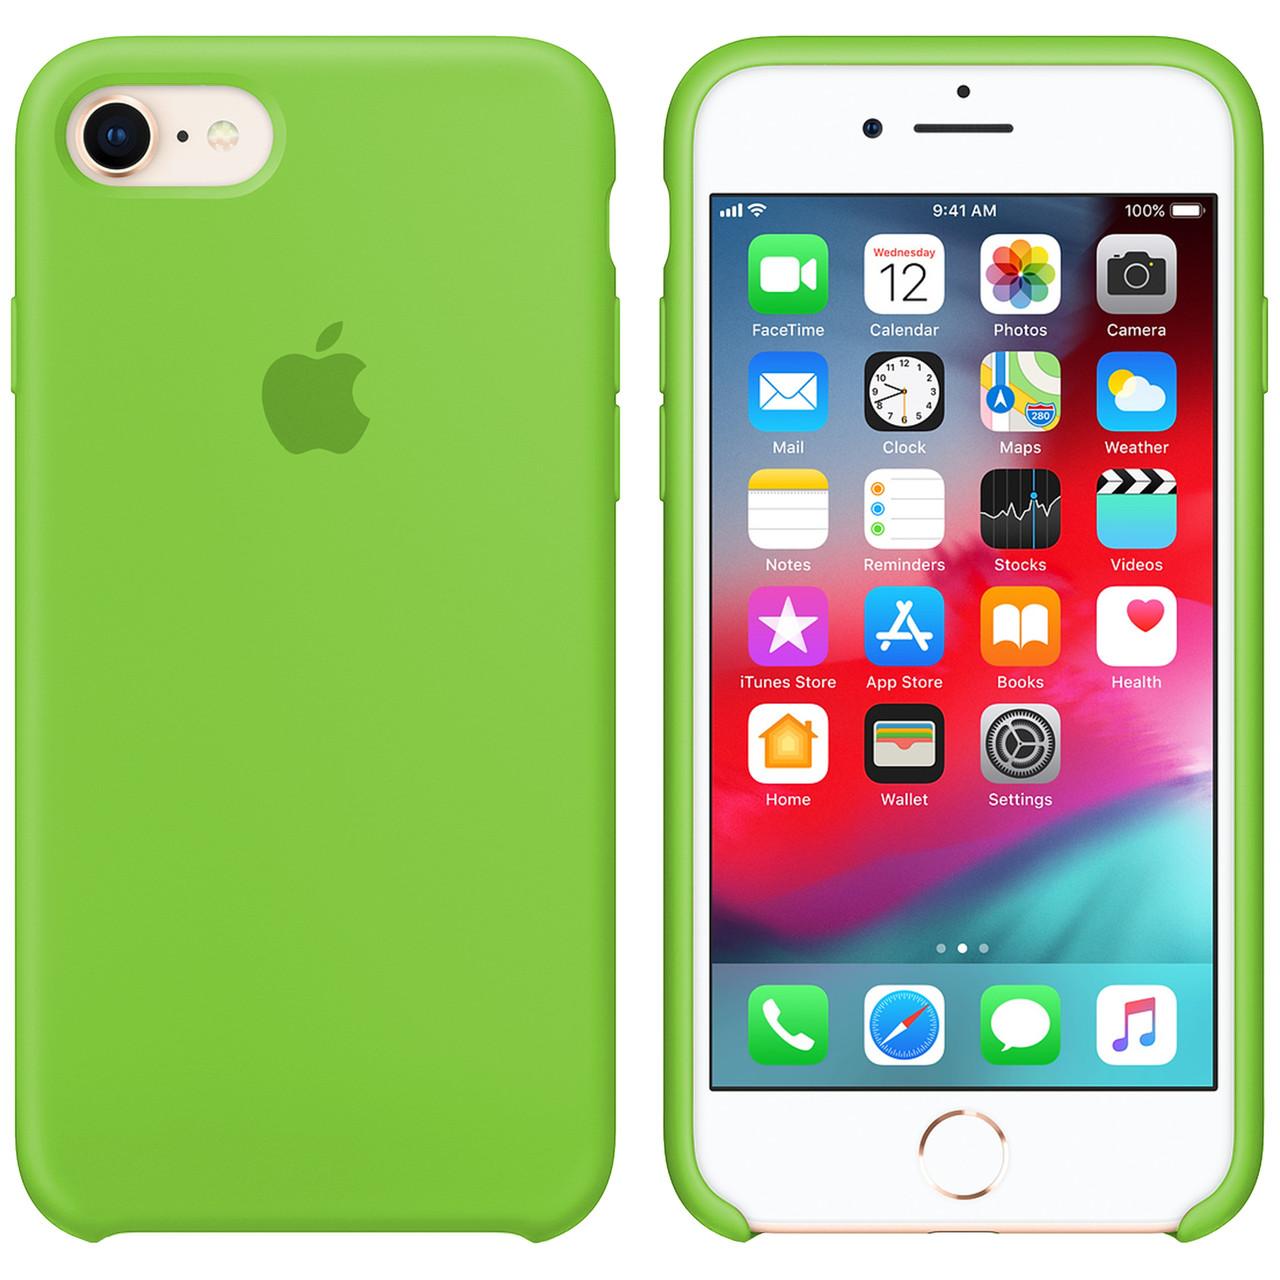 Силиконовый чехол для Apple iPhone 7 / 8 Silicone case (Кислотно-зеленый)